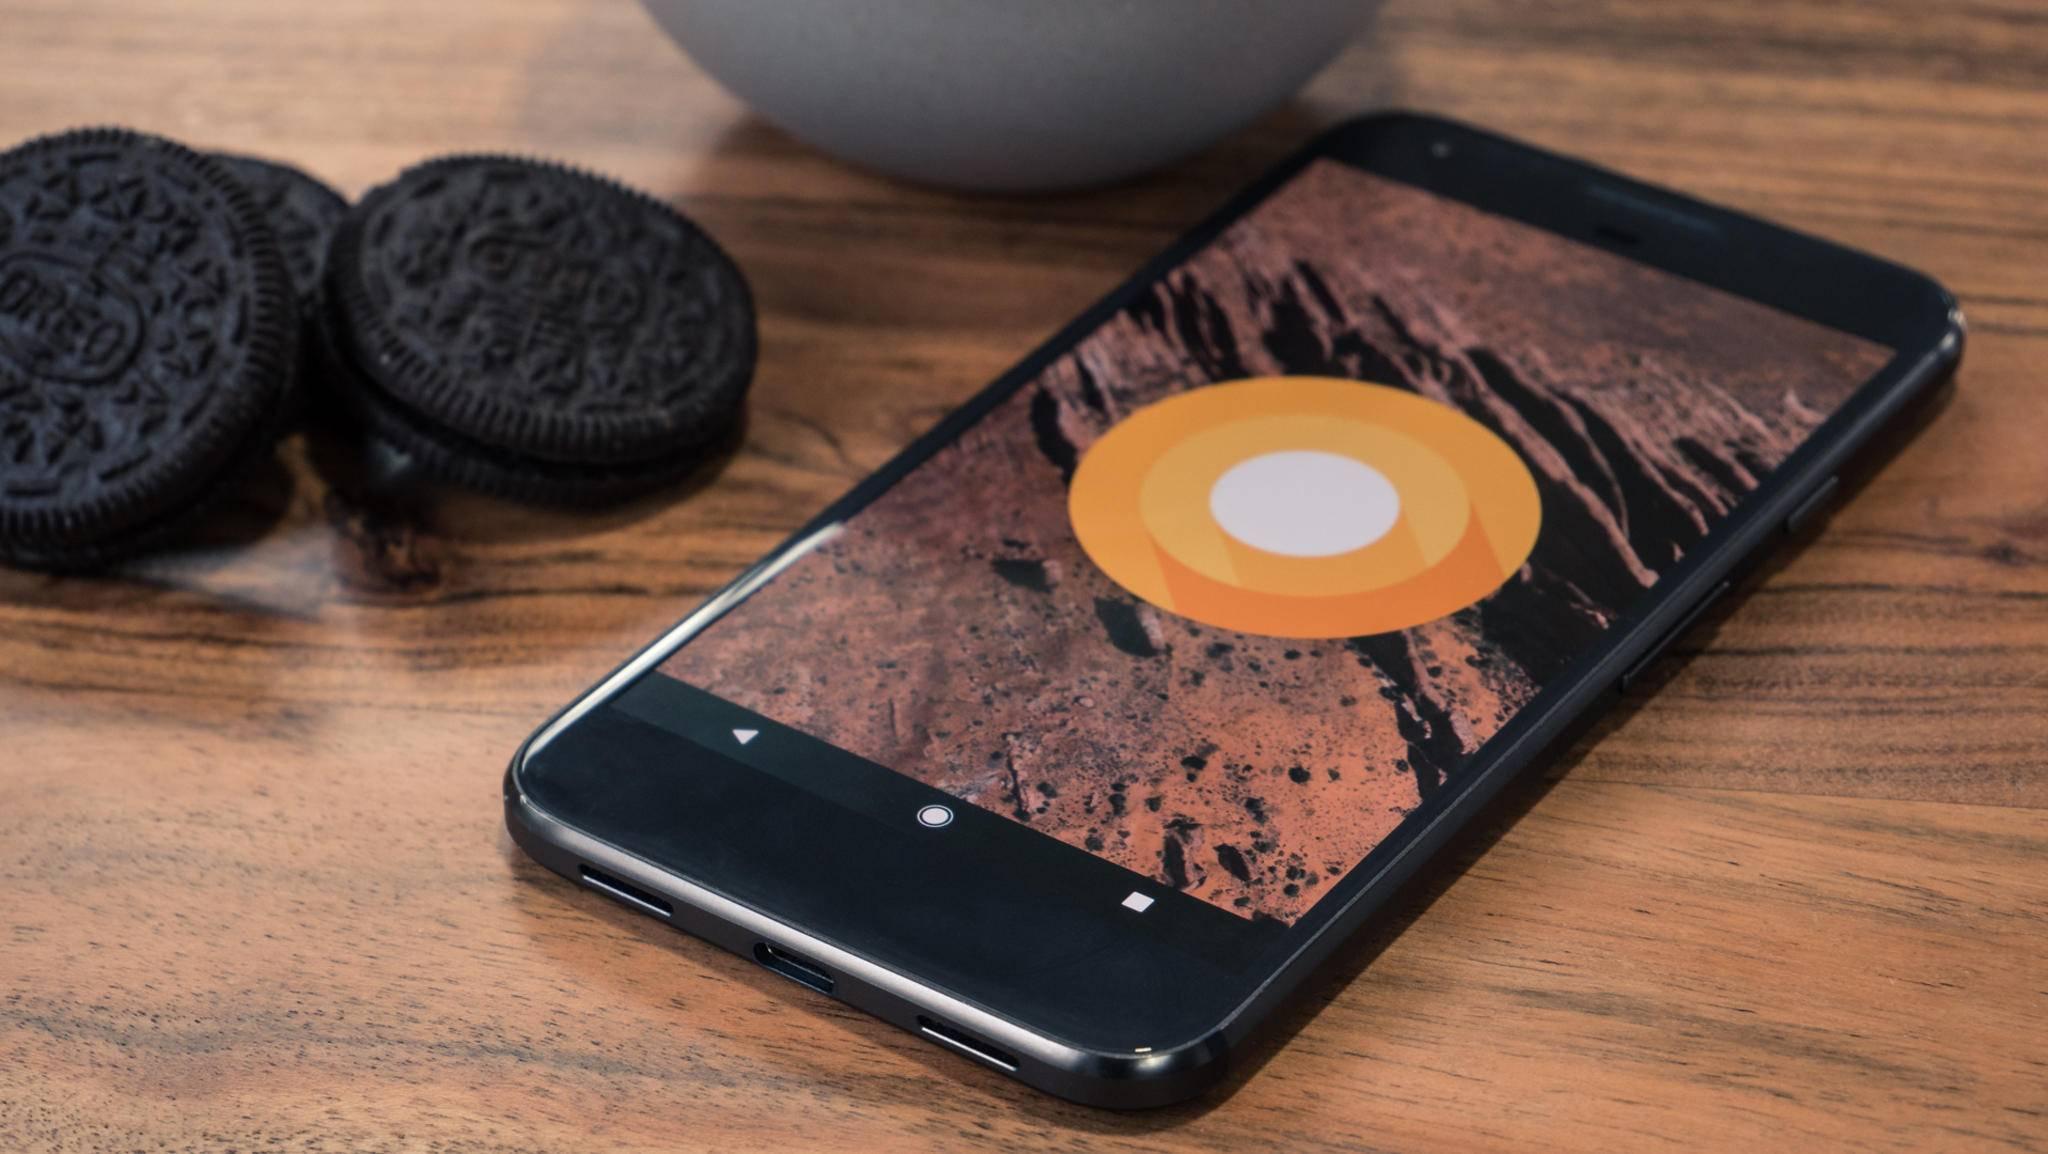 Android 8.0 präsentiert sich als ausgereiftes Betriebssystem.